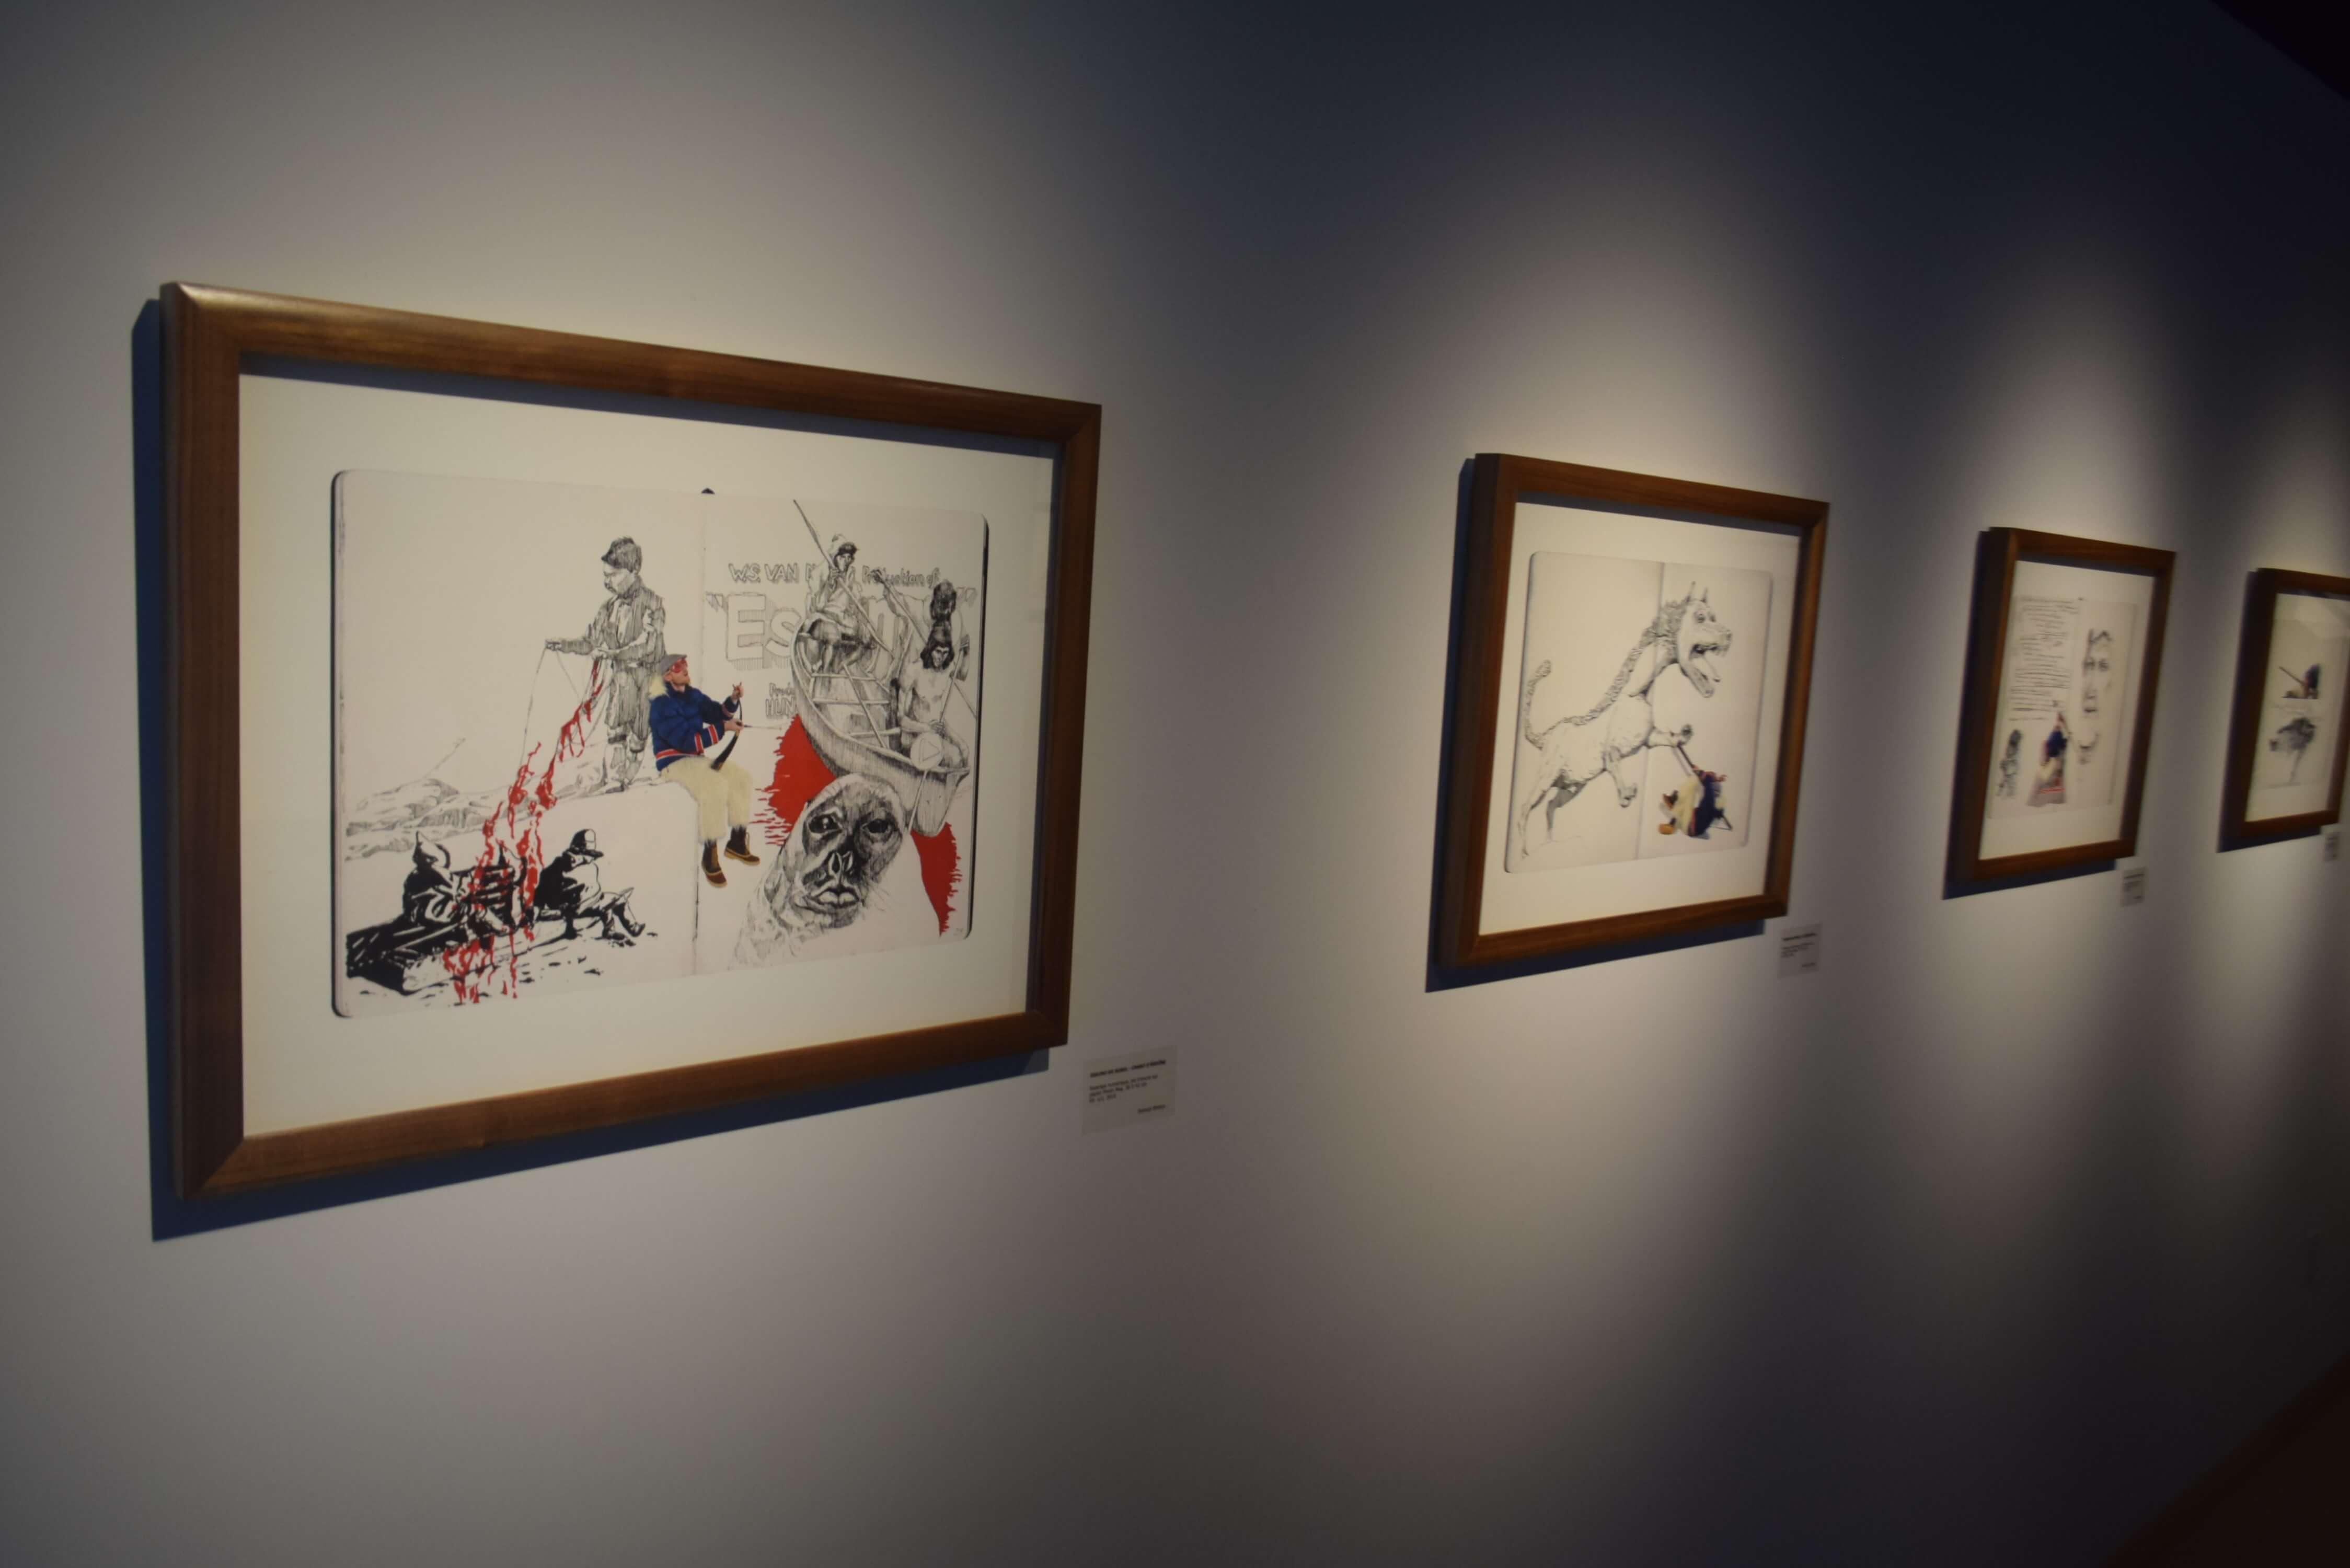 Samuel Breton Eskimo Sorel dessins